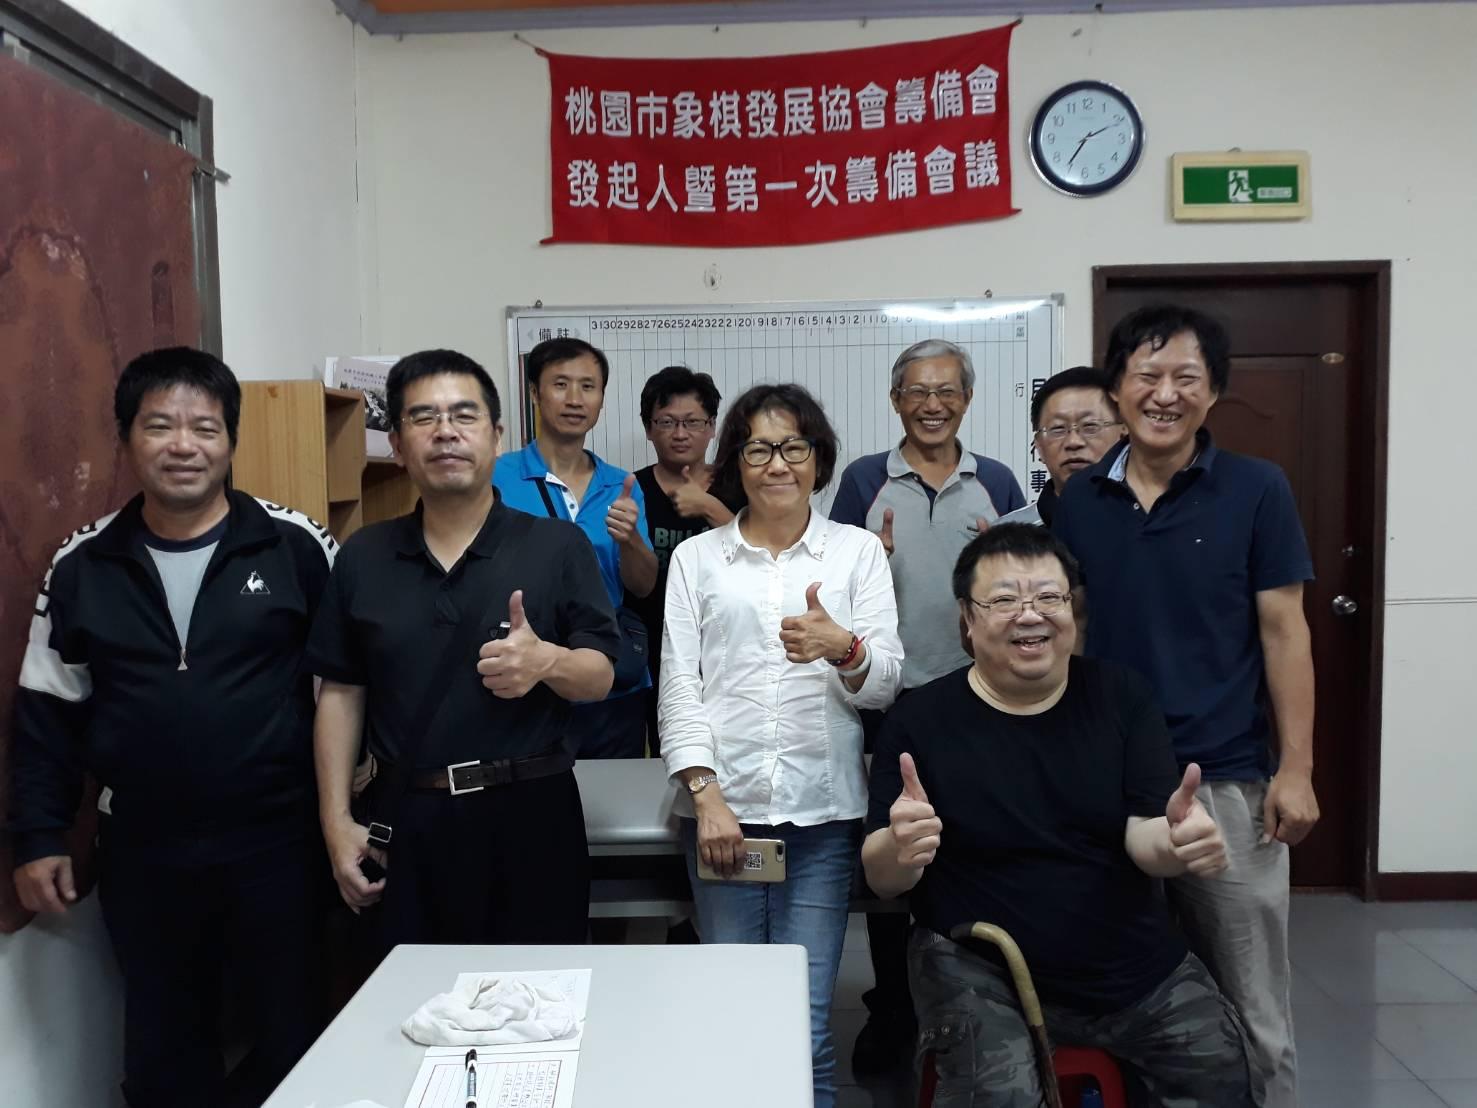 桃園市象棋發展協會第一次籌備會議1